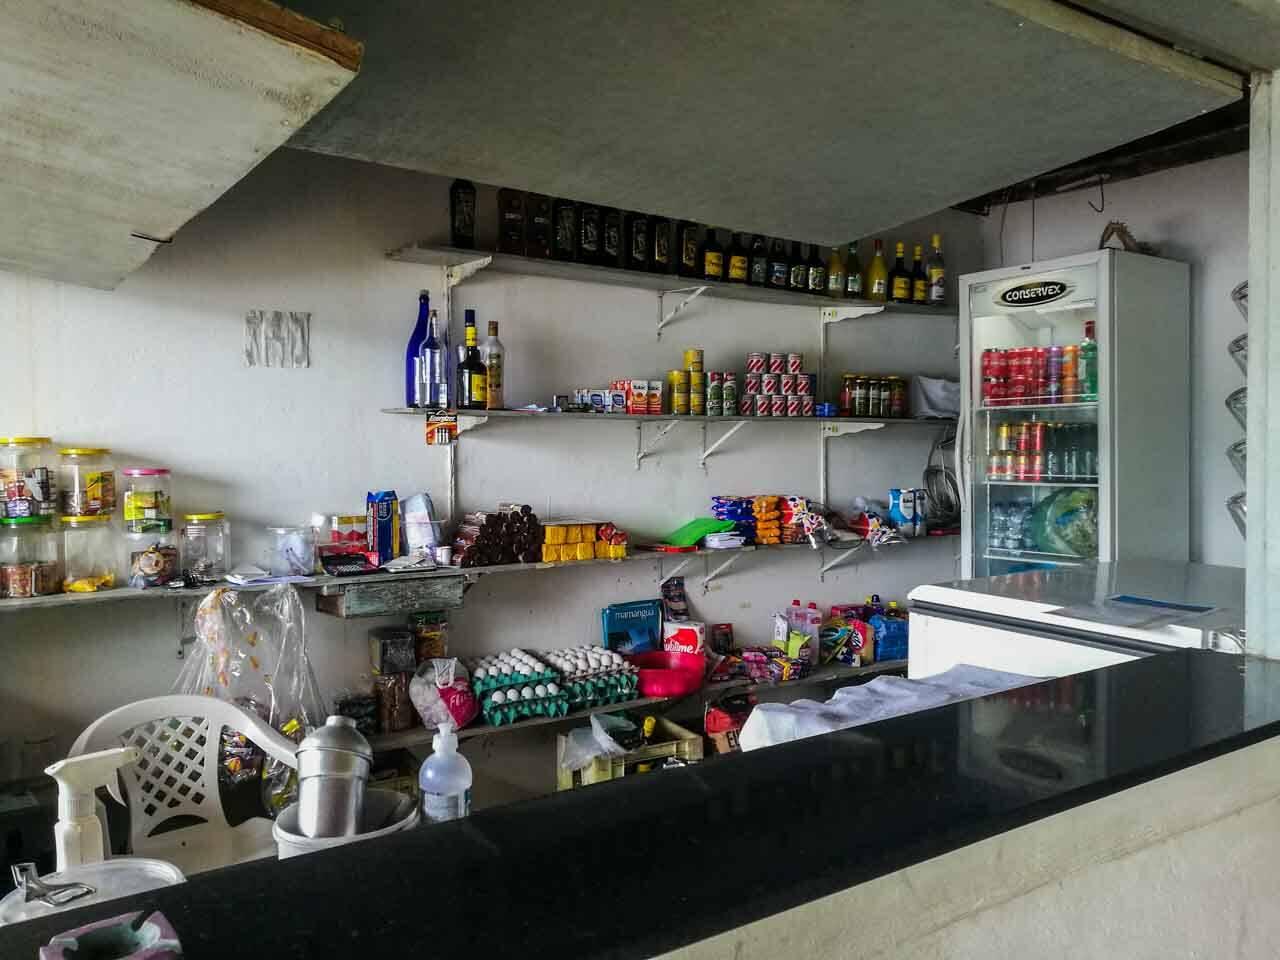 Vendinha no restaurante do Cruzeiro, Saco do Mamanguá.